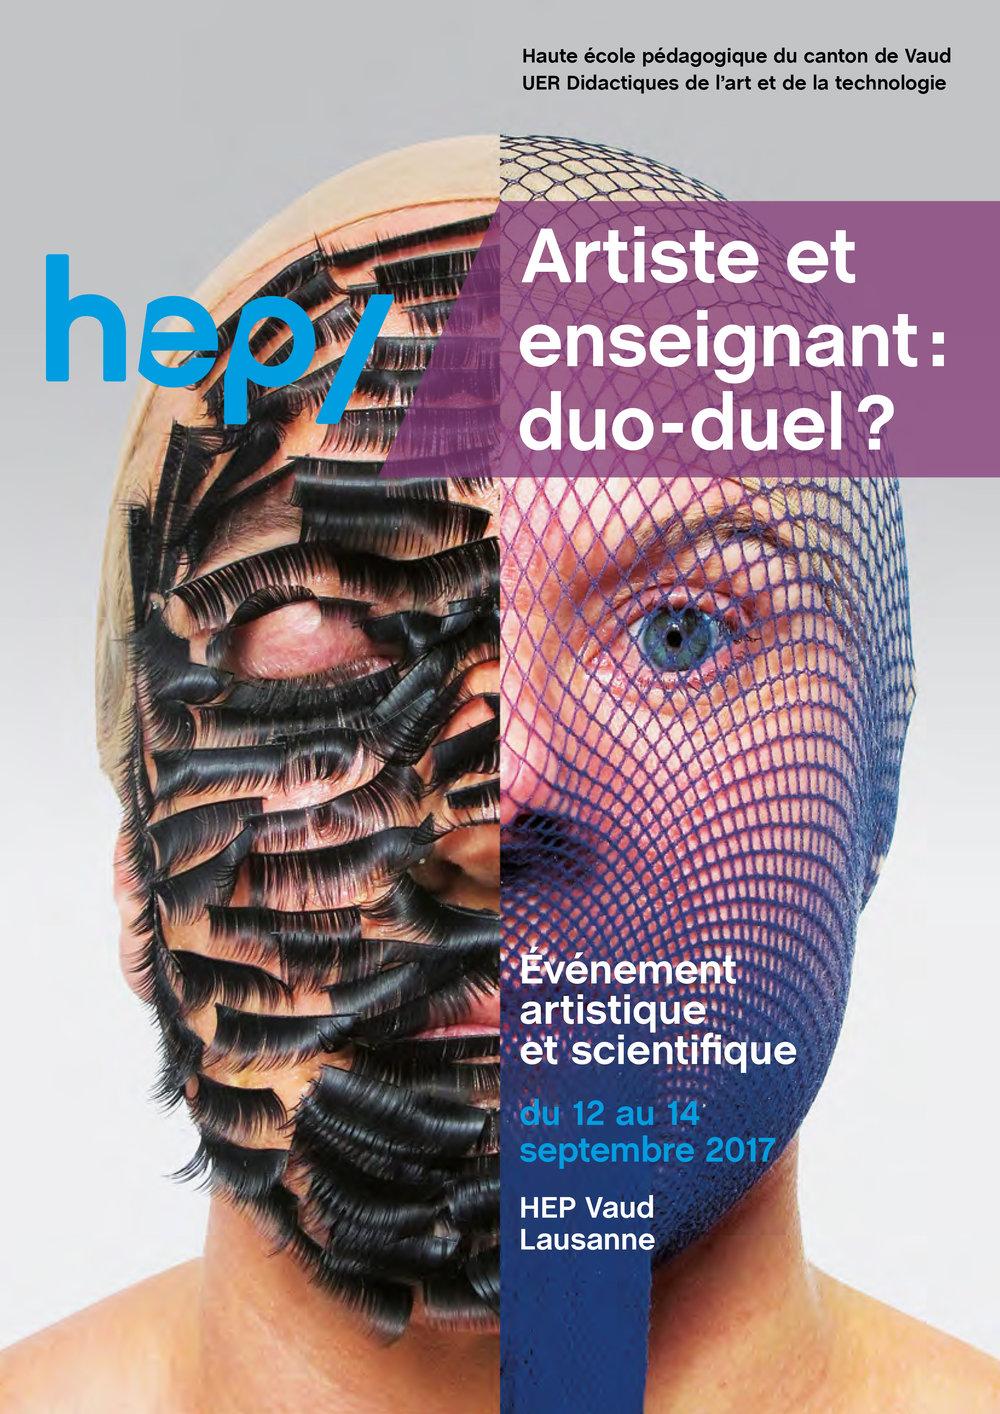 HEP_DUO_DUEL_programme_A4-1.jpg